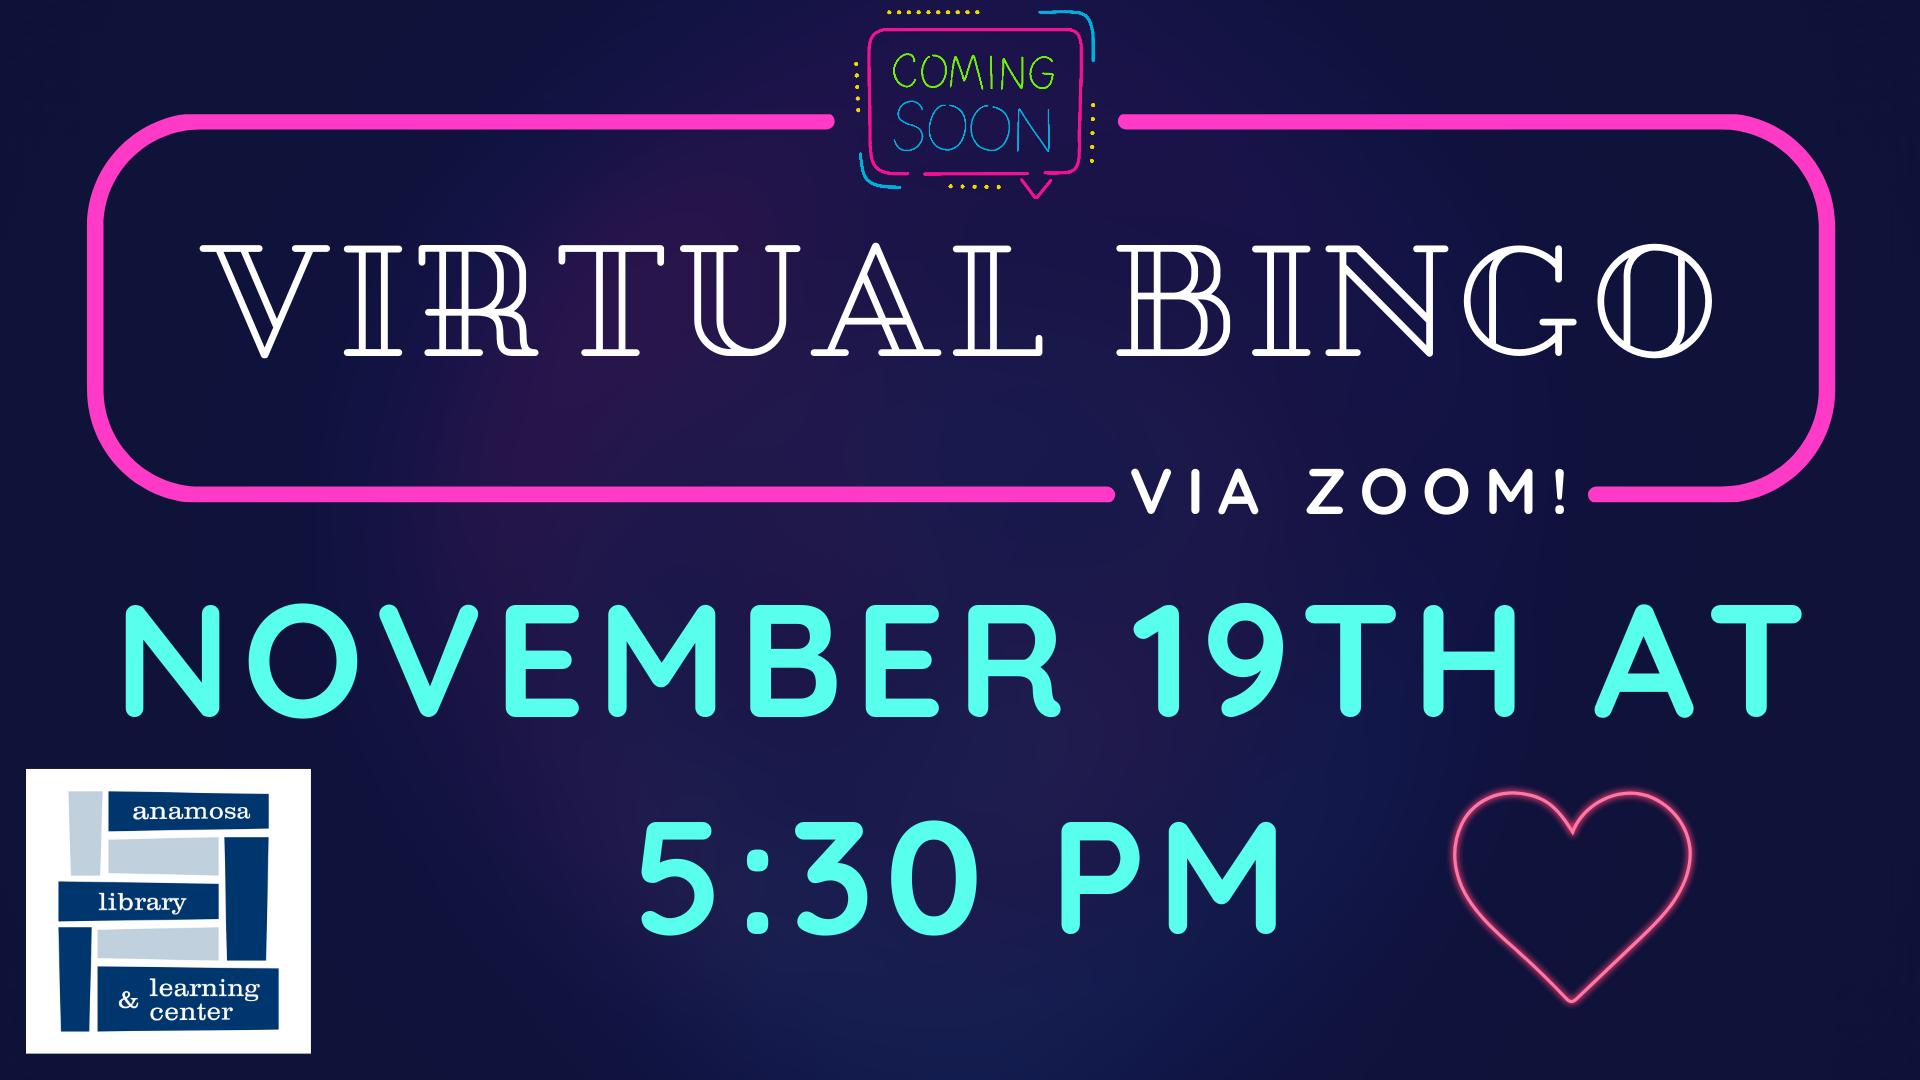 Virtual BINGO - Nov